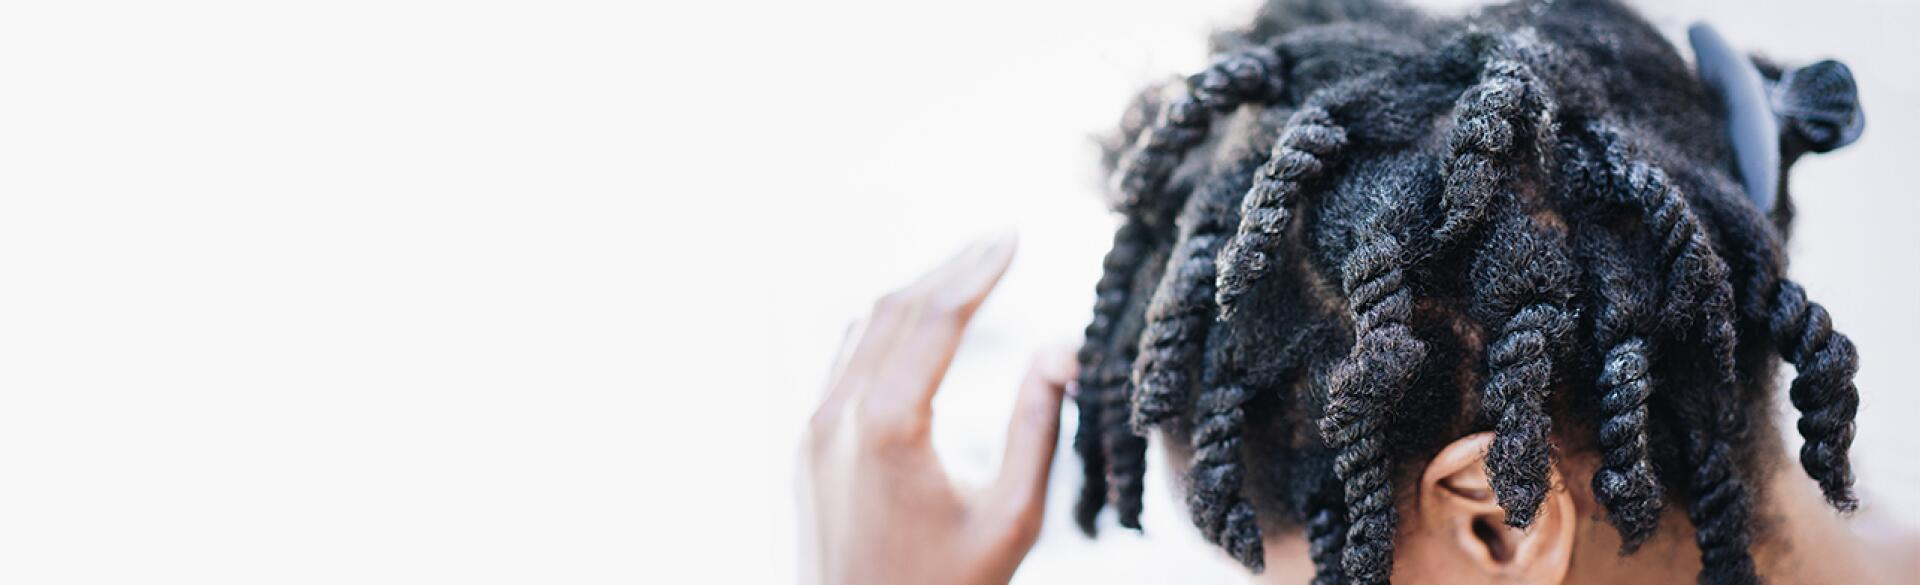 black woman, hair, natural hair, twists